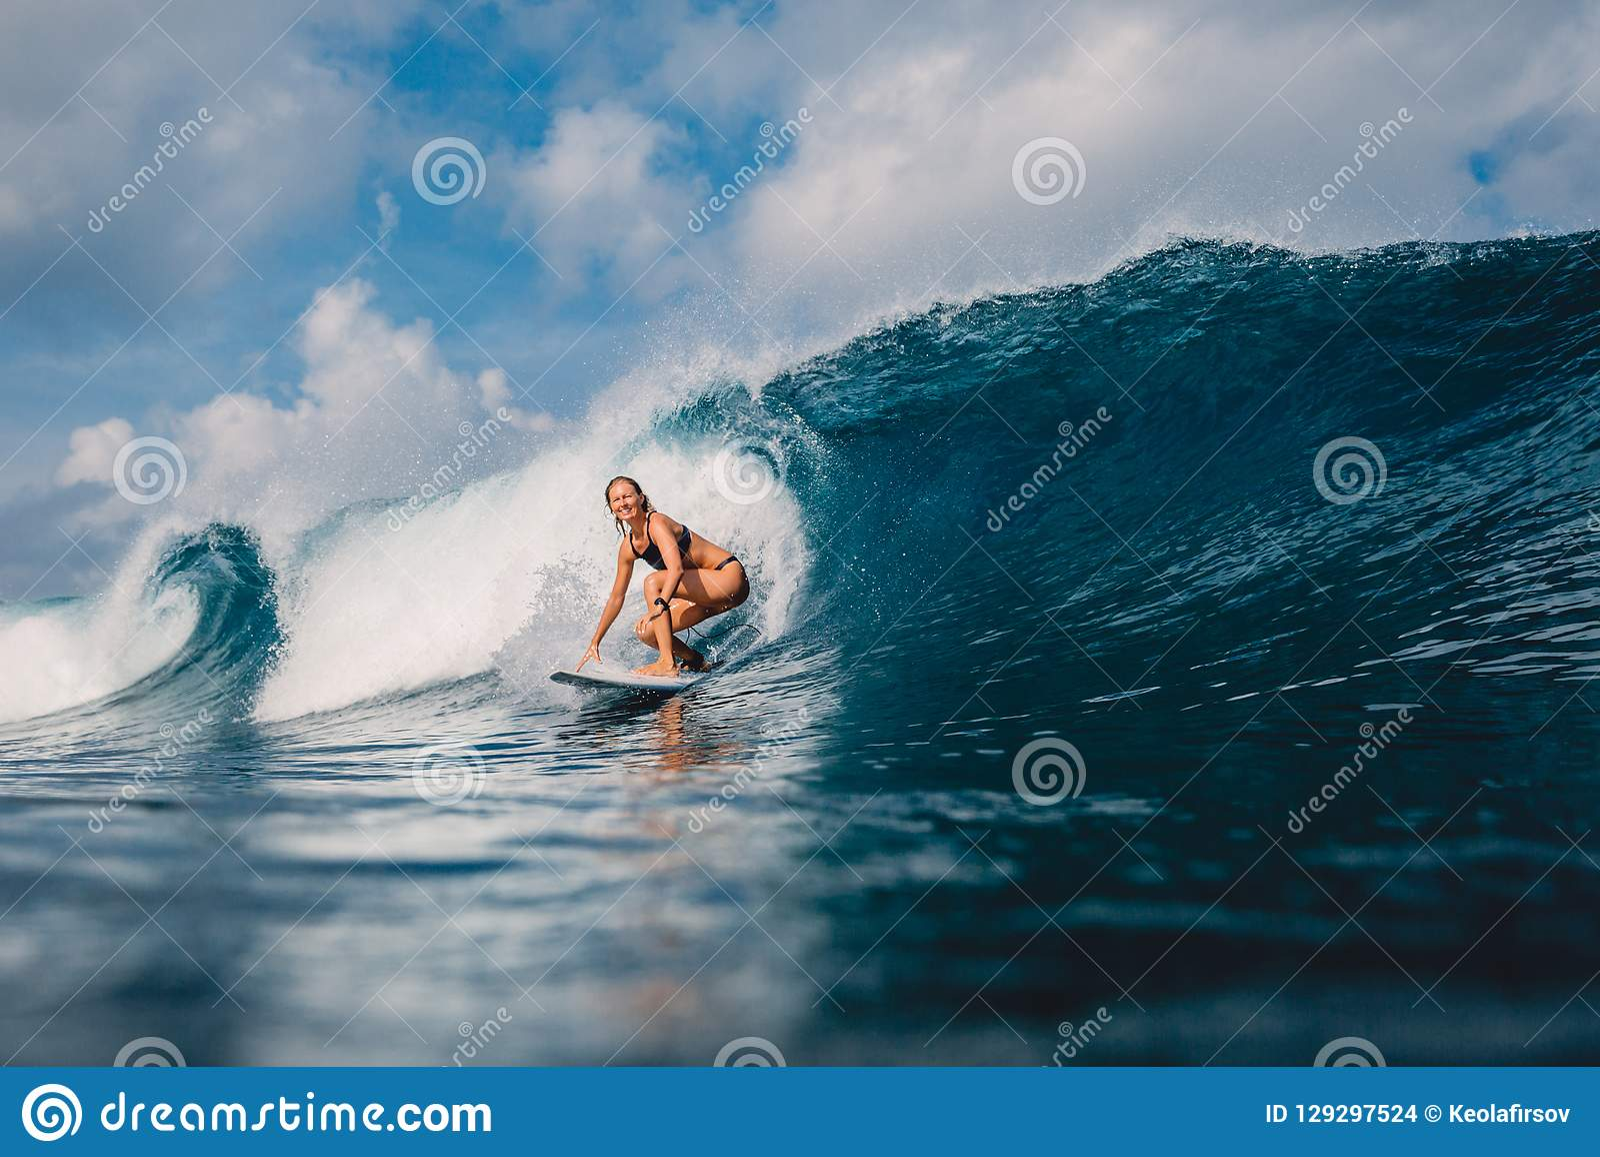 Brandungsmädchen am Surfbrett auf Fasswelle Frau im Ozean während des Surfens